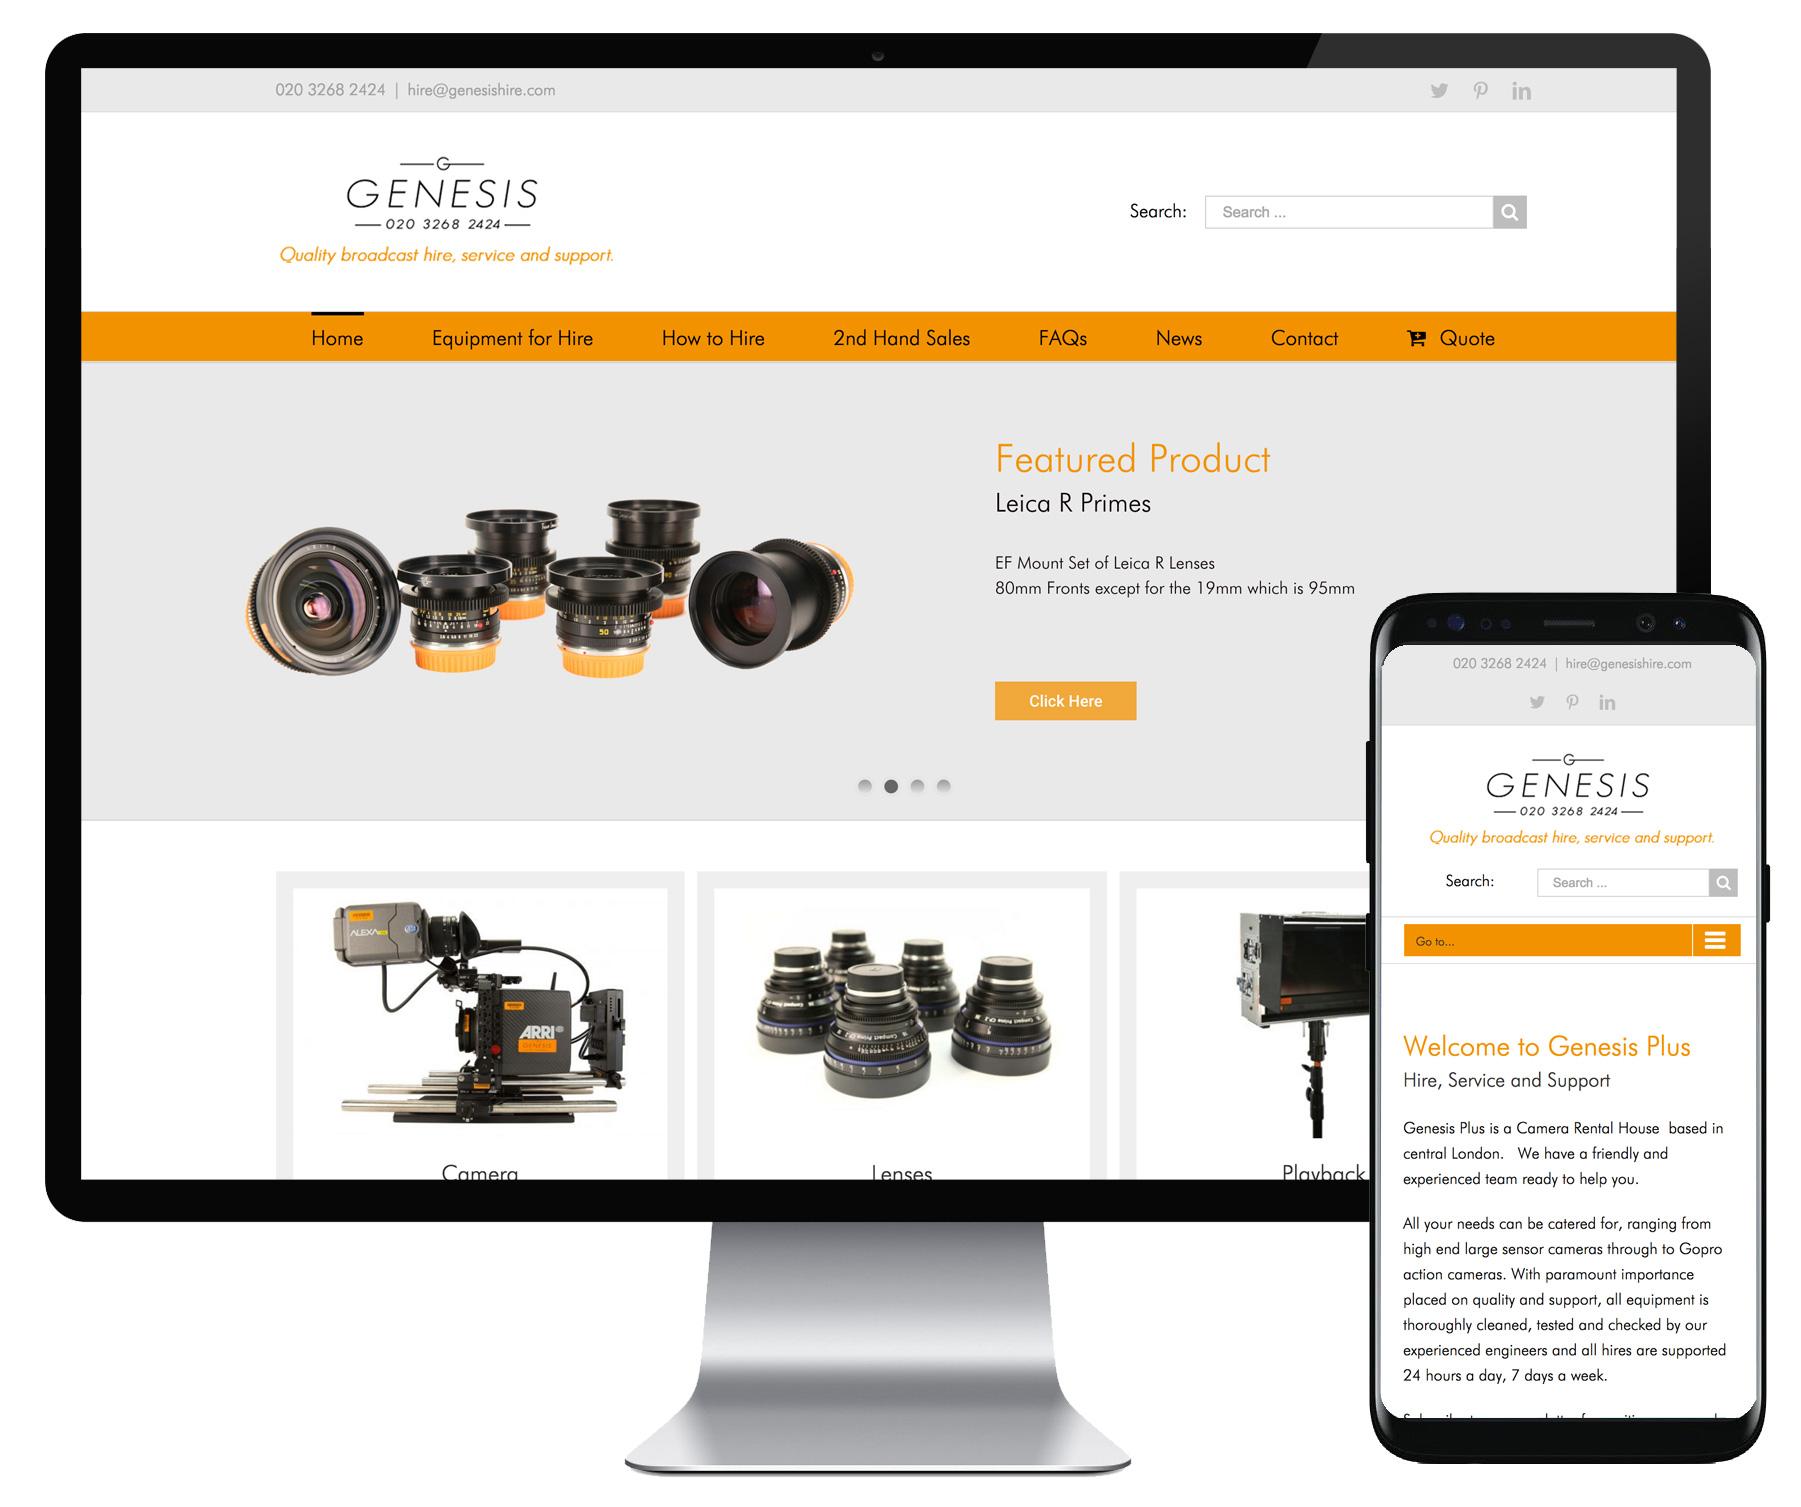 Genesis Hire website